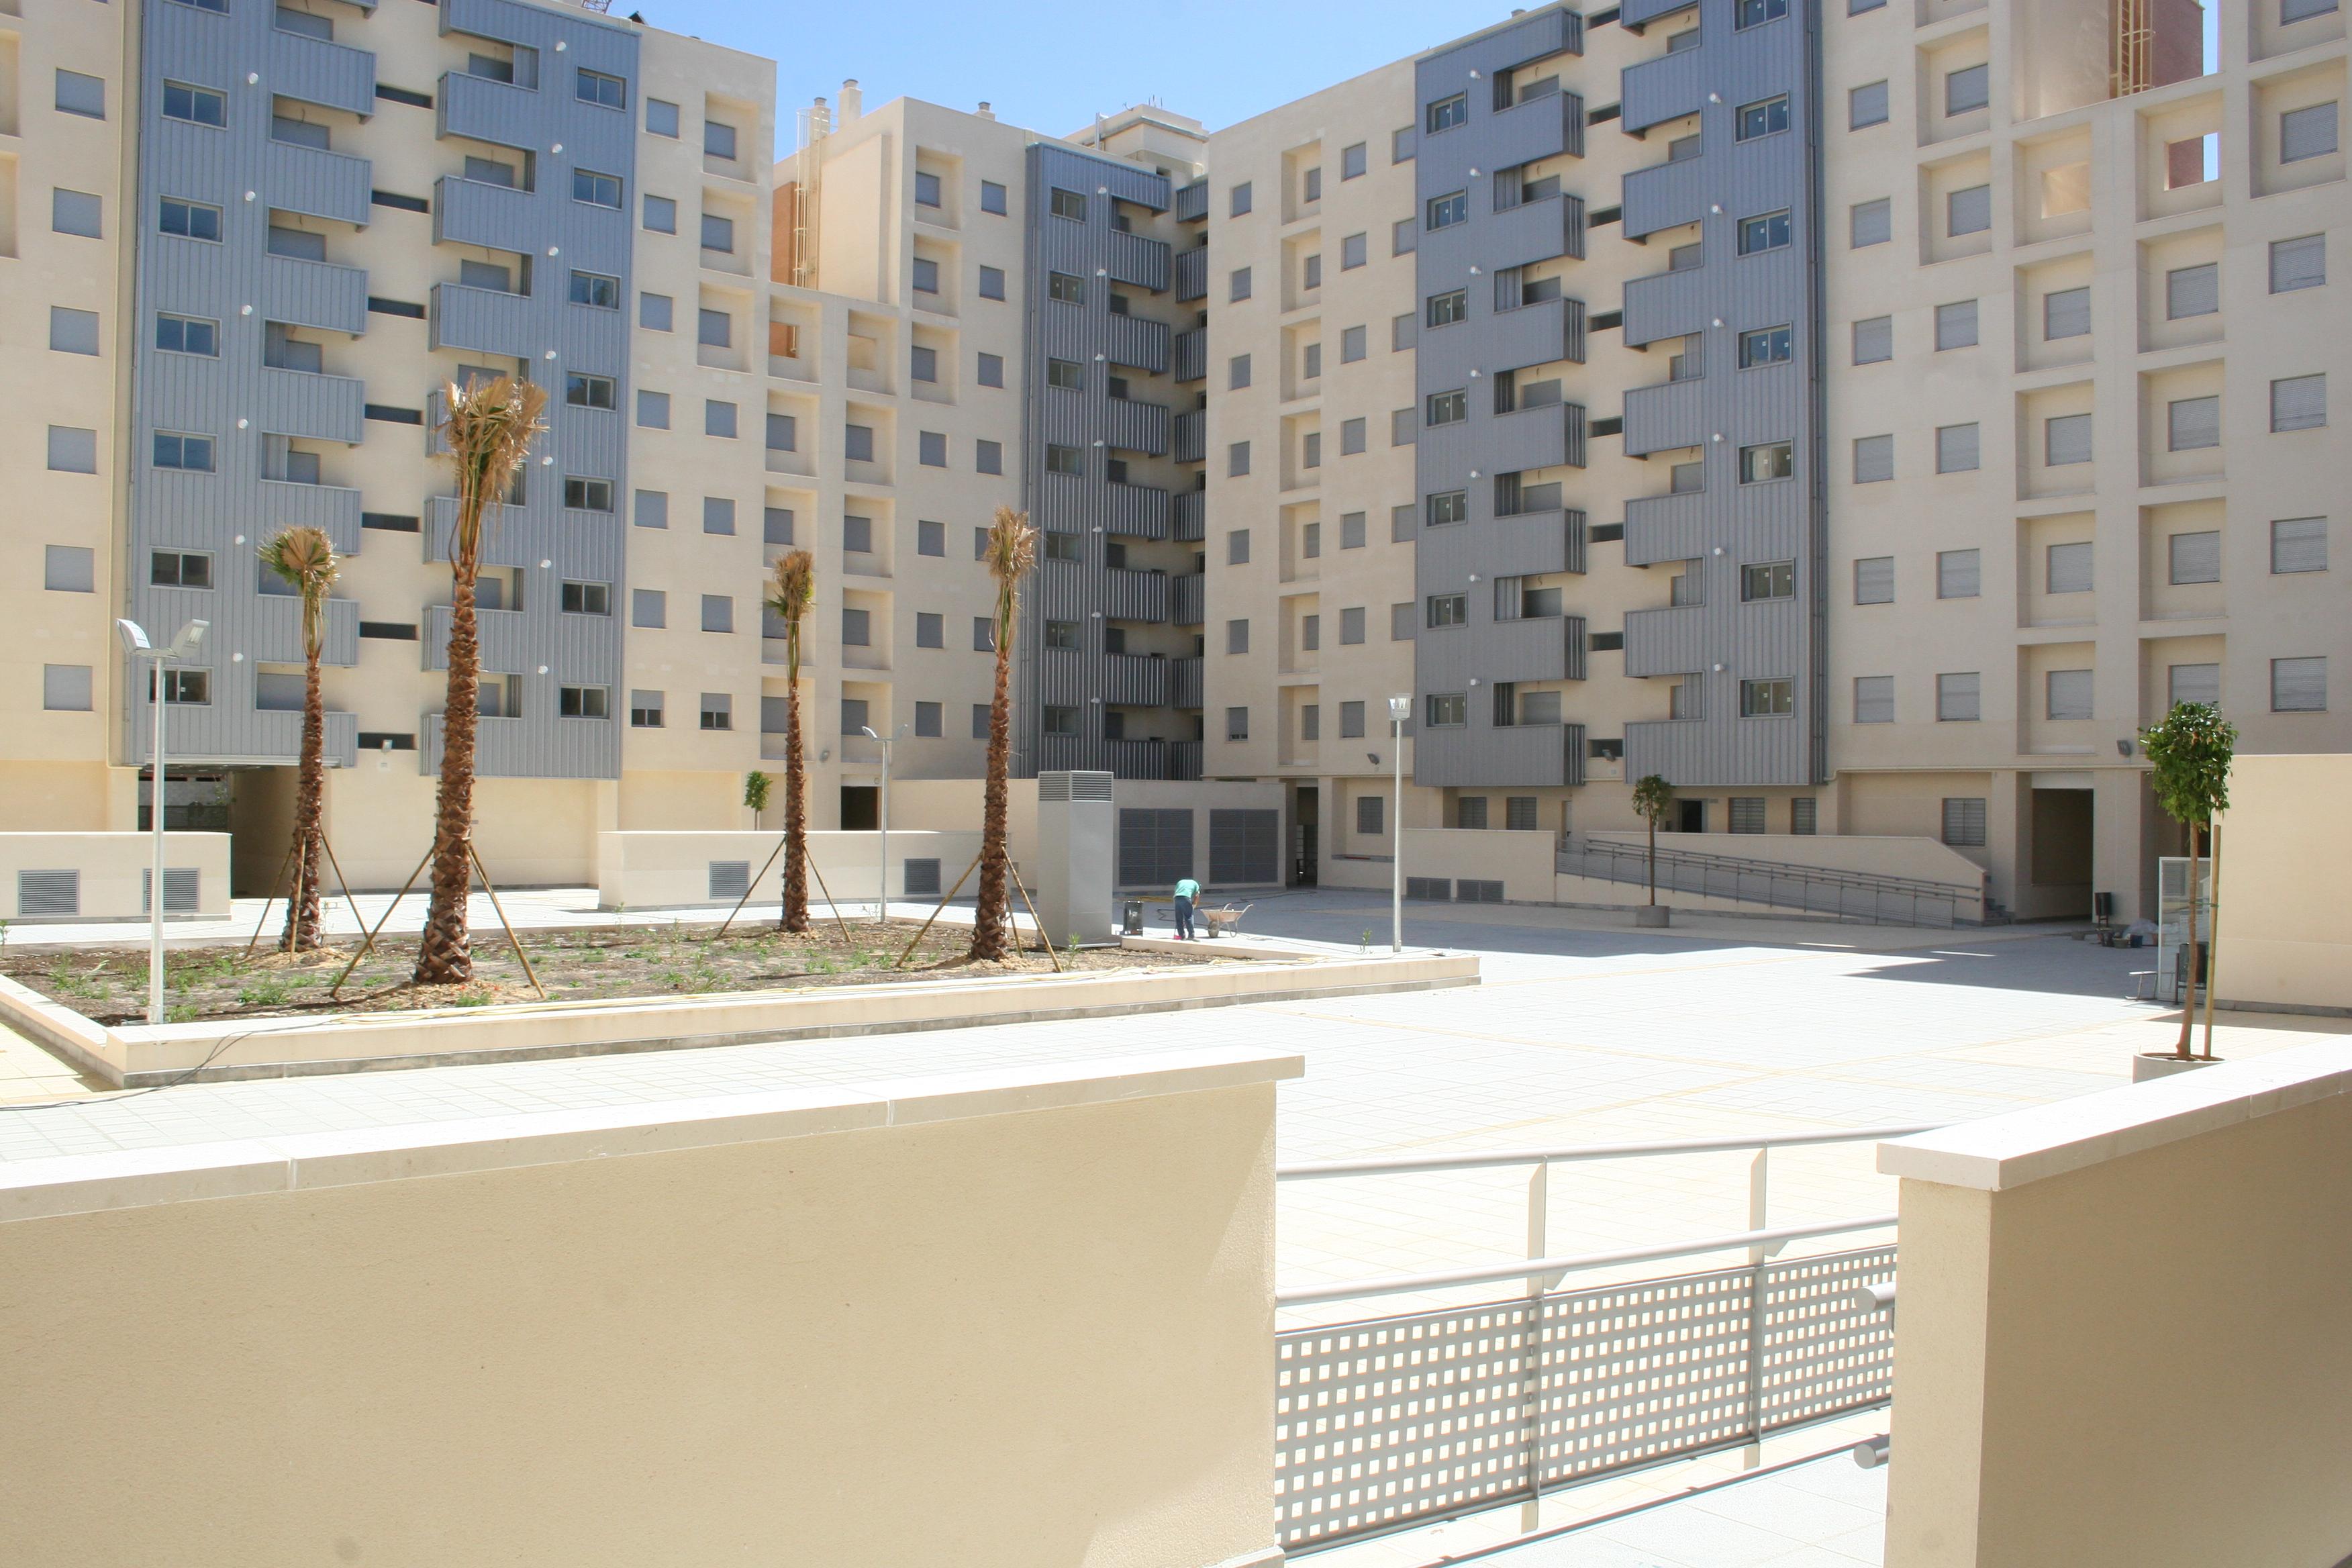 Emvisesa publica las listas provisionales de admitidos en las convocatorias para adjudicar 14 viviendas protegidas en régimen de alquiler con opción a compra en Sevilla Este